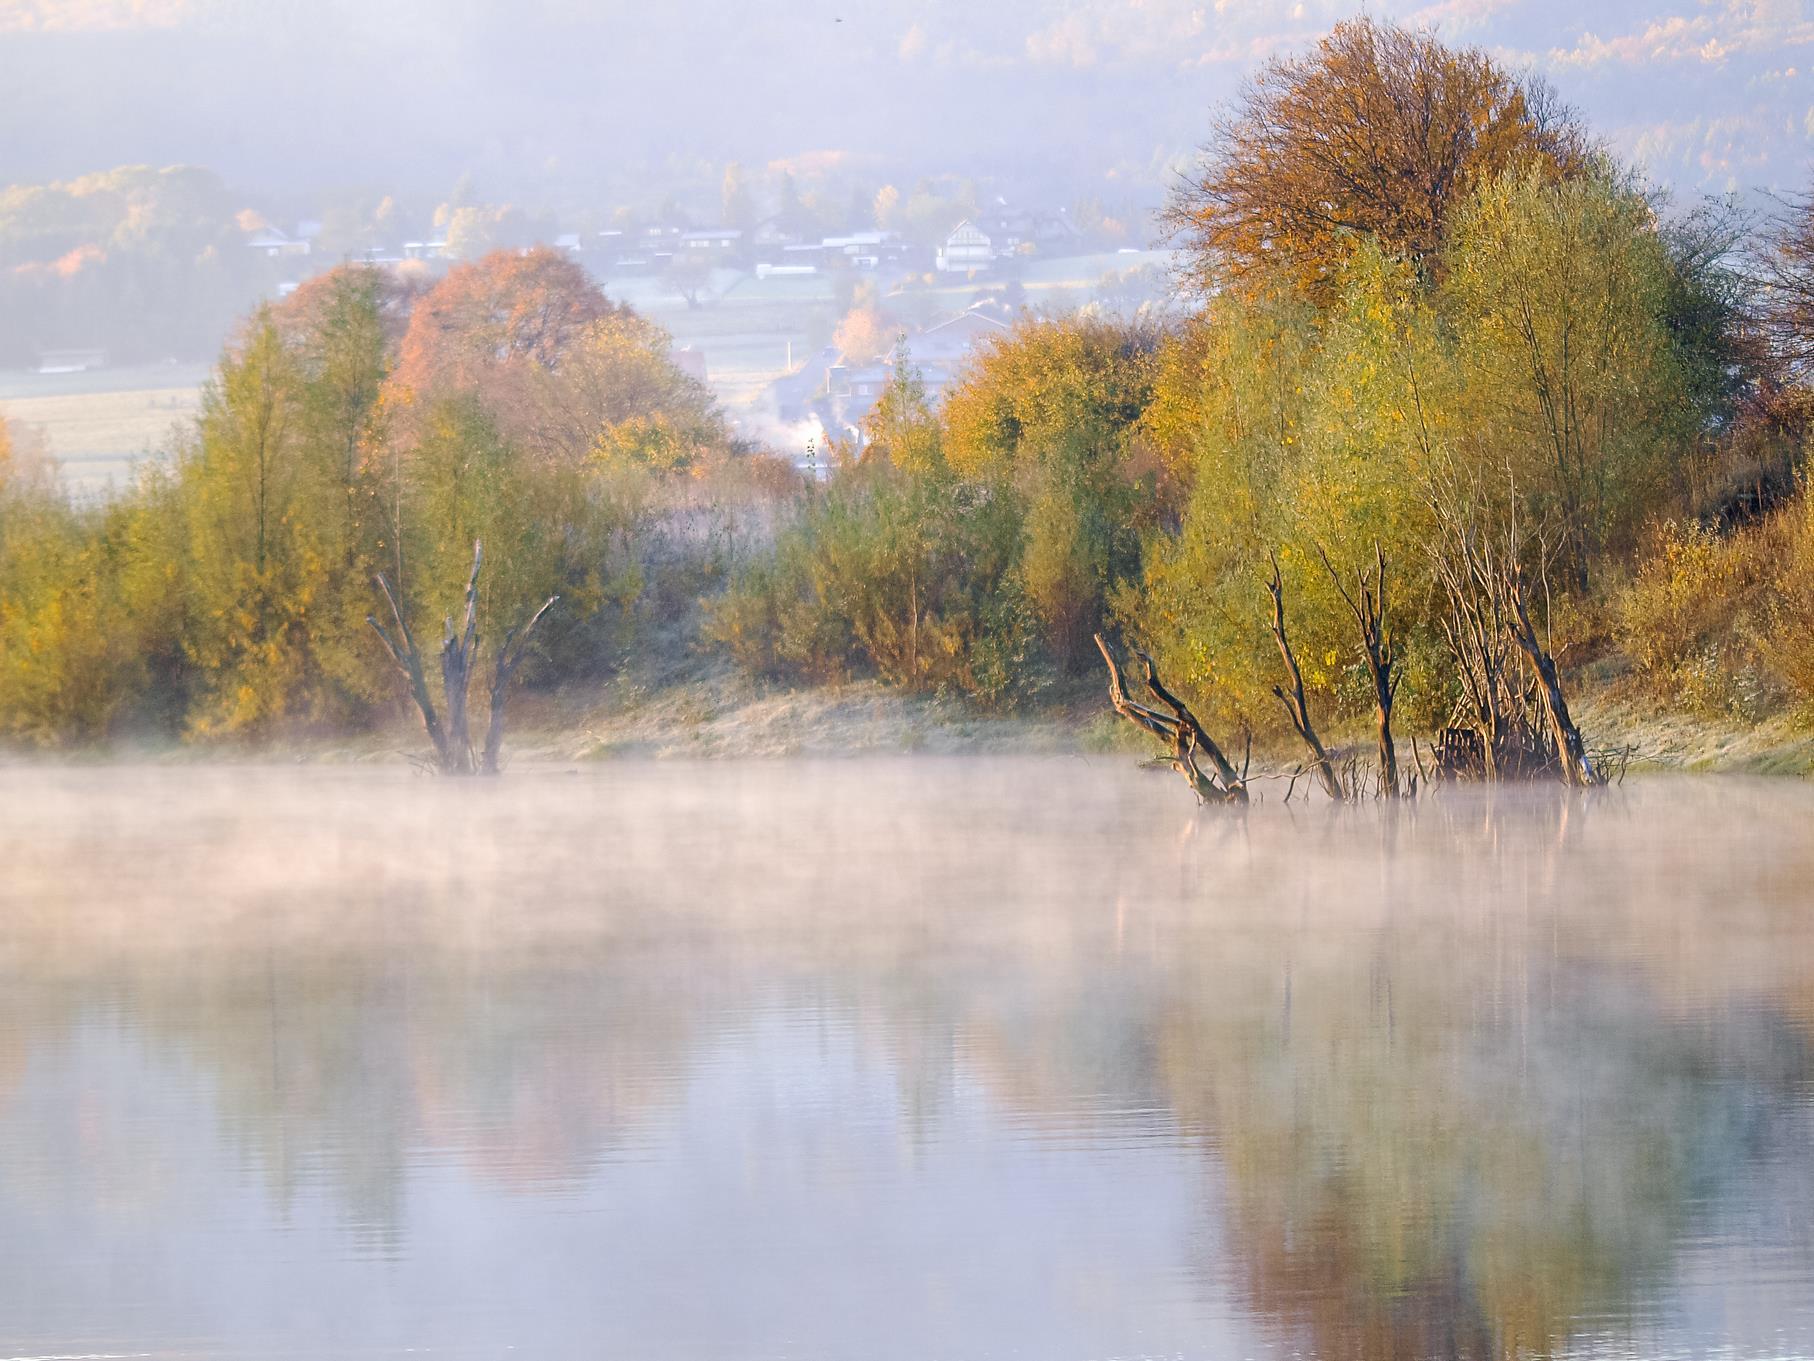 Die toten Bäume im östlichen Teich im morgendlichen Nebel.